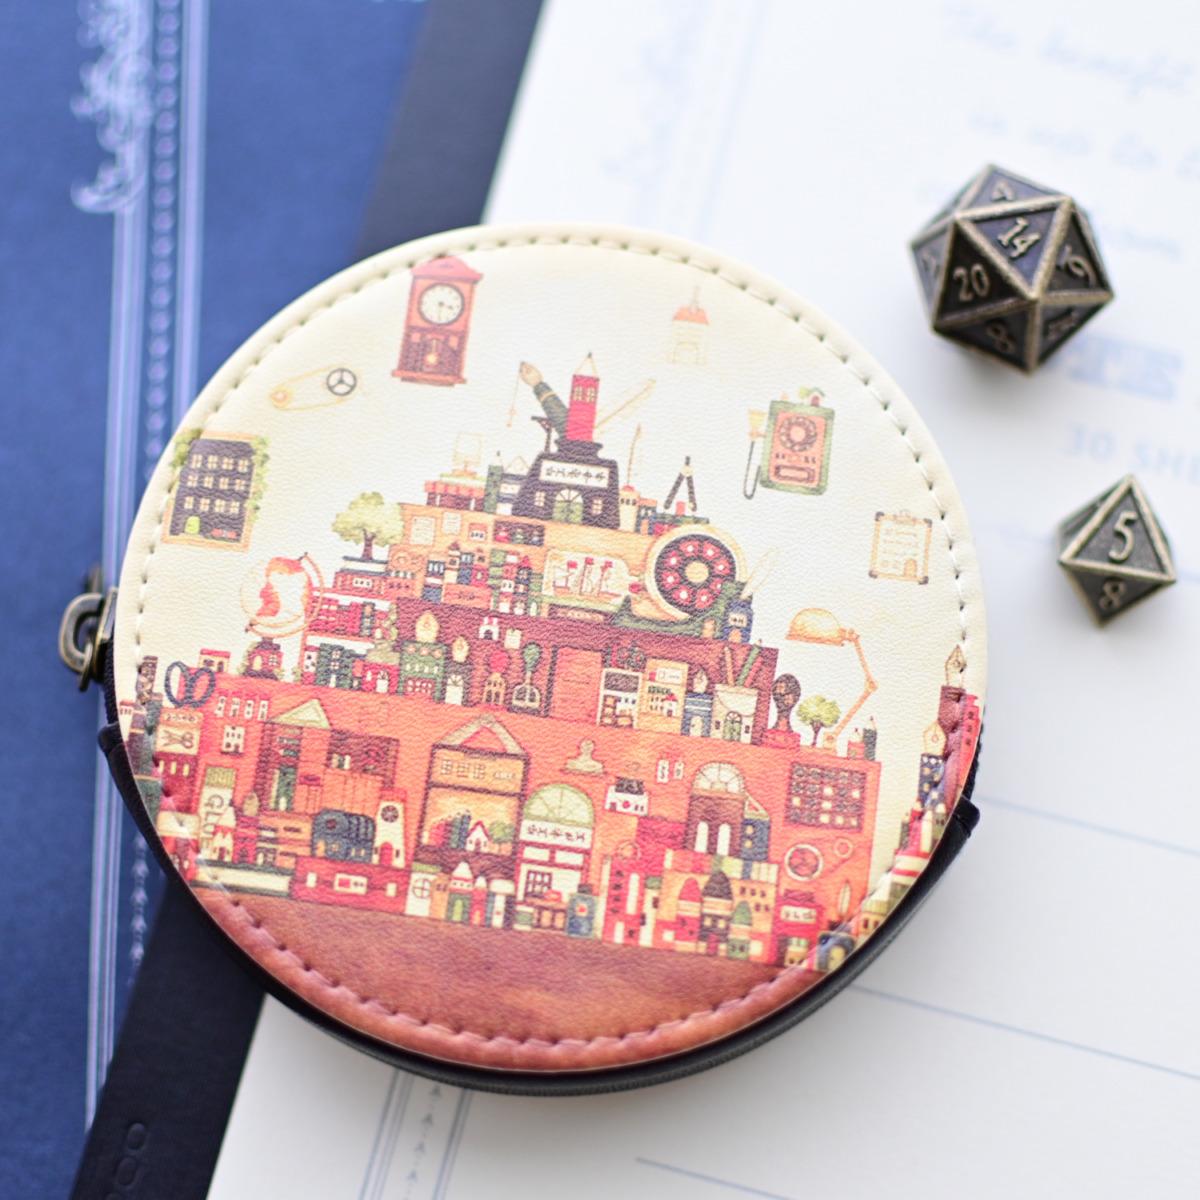 ミニコインケース「文房具の王国」丸型ポーチ